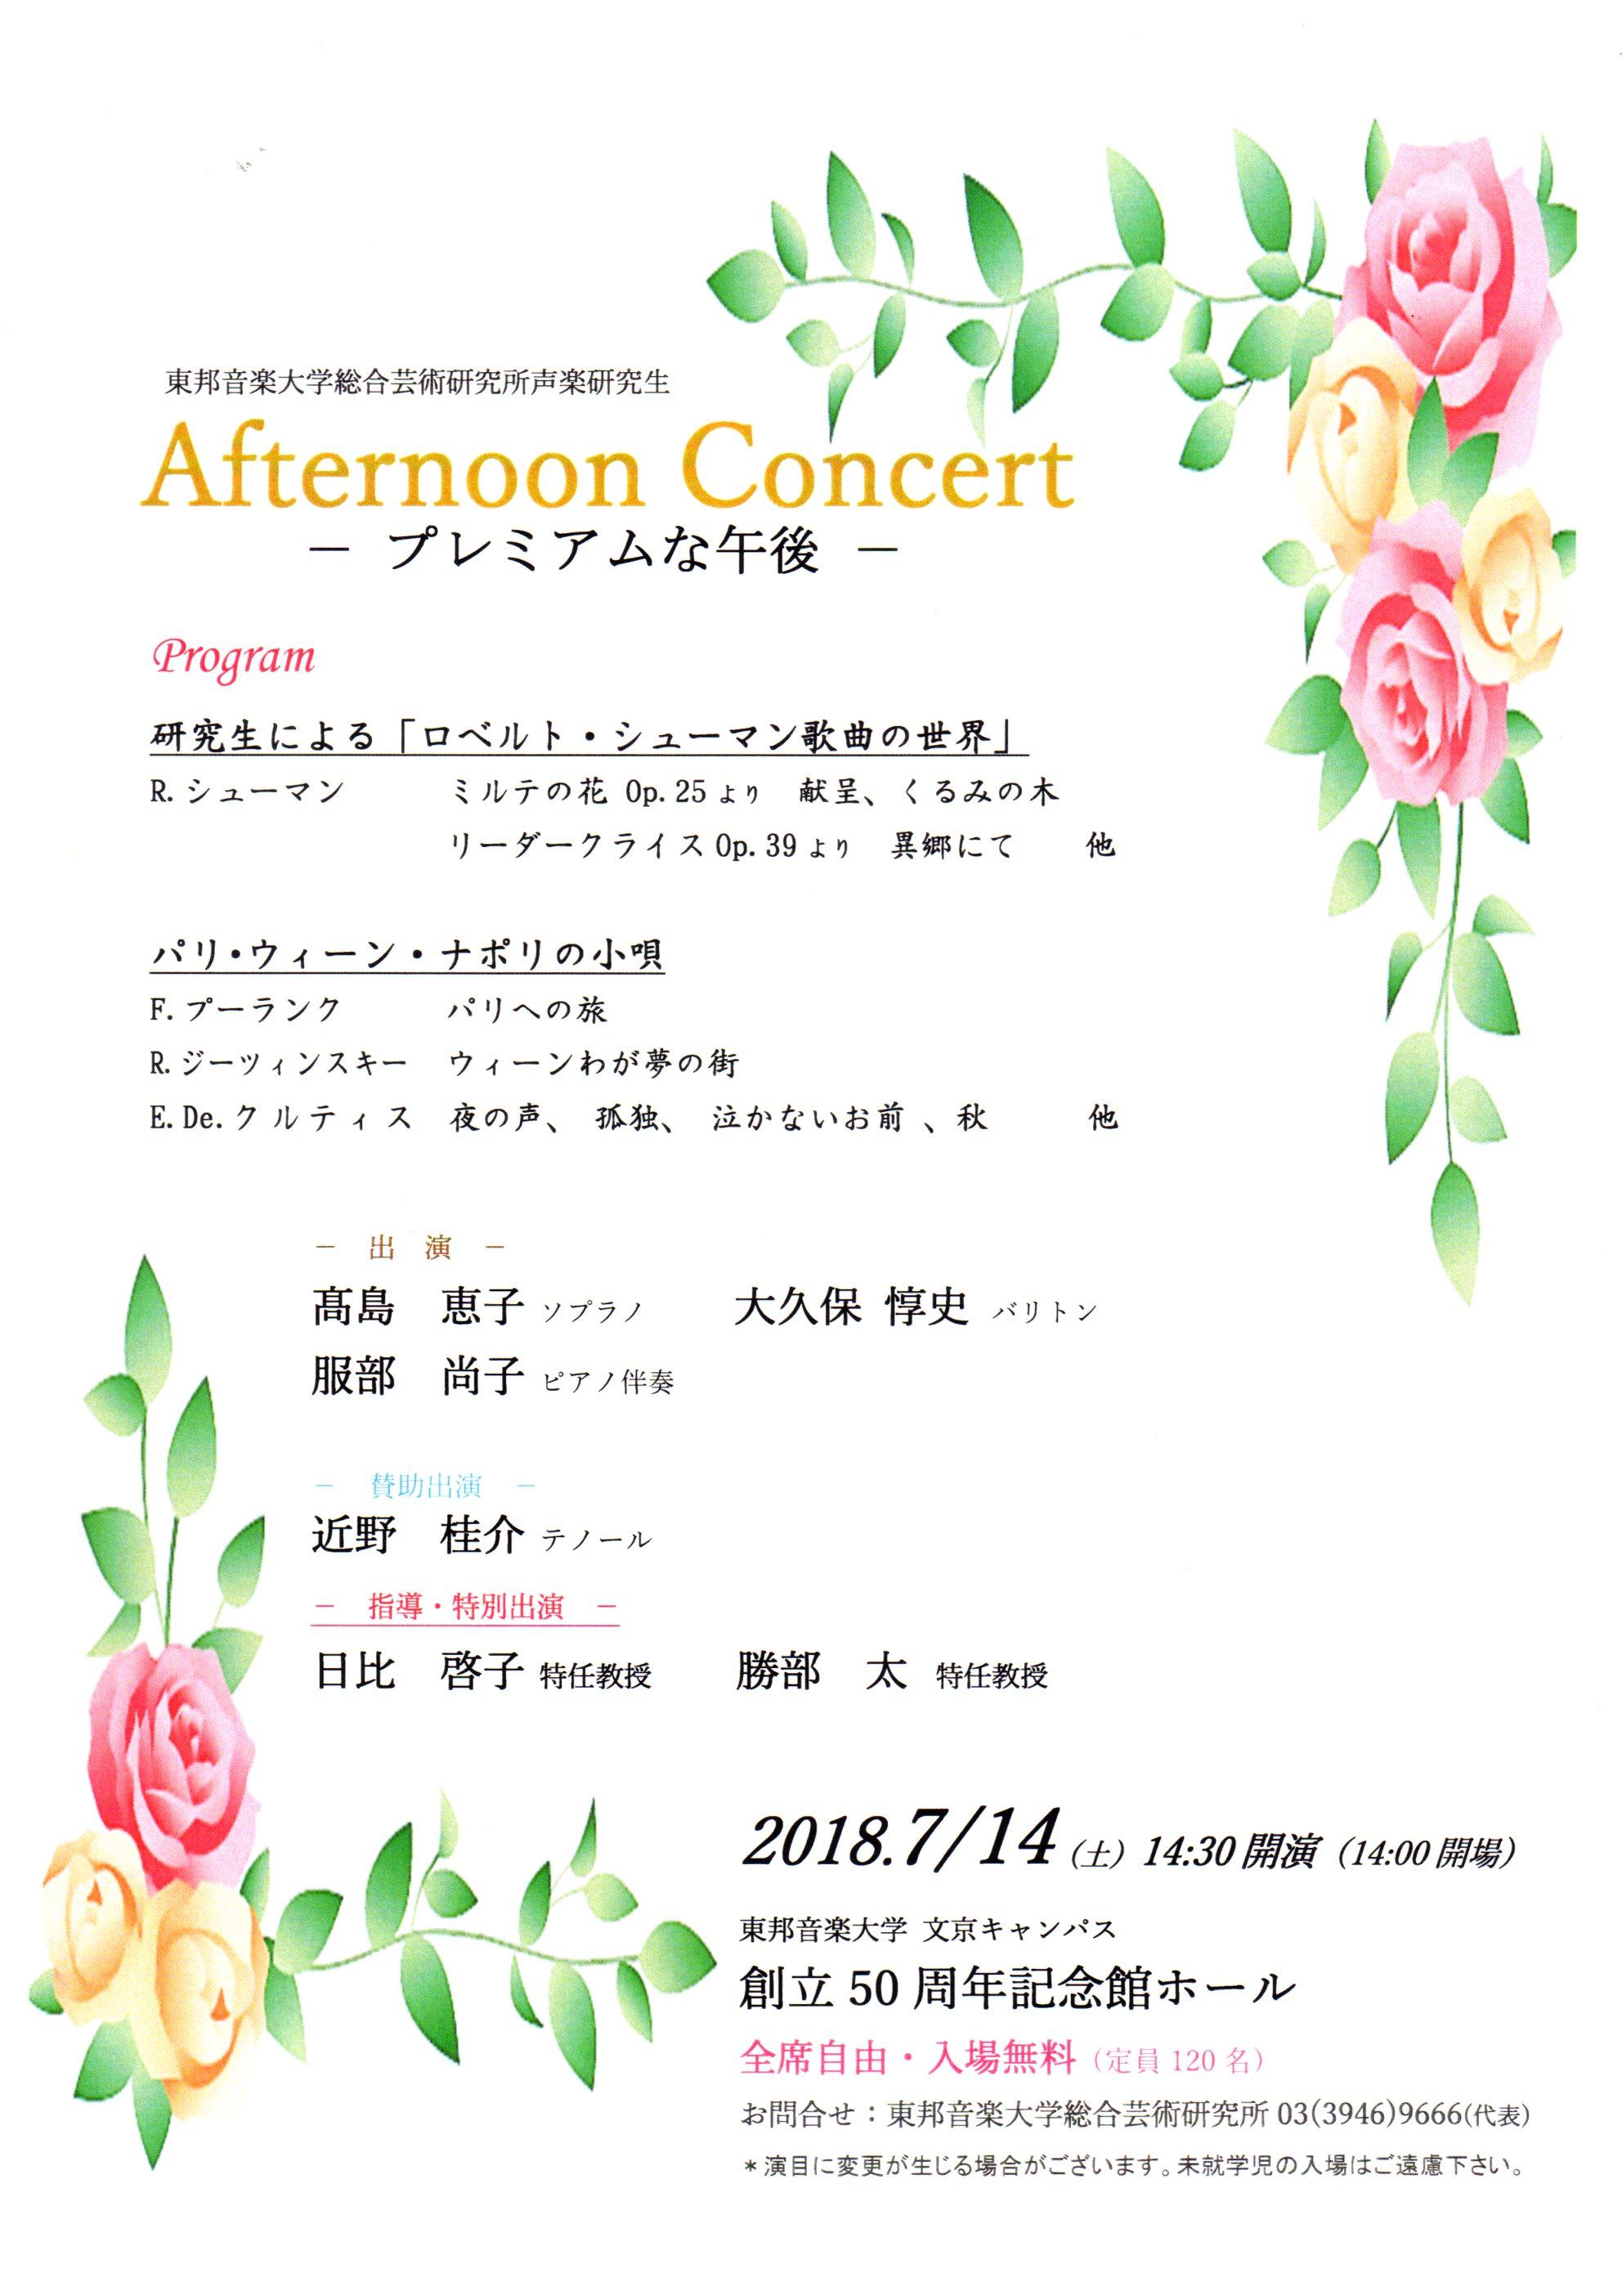 2018年7月14日(土) Afternoon Concert -プレミアムな午後-